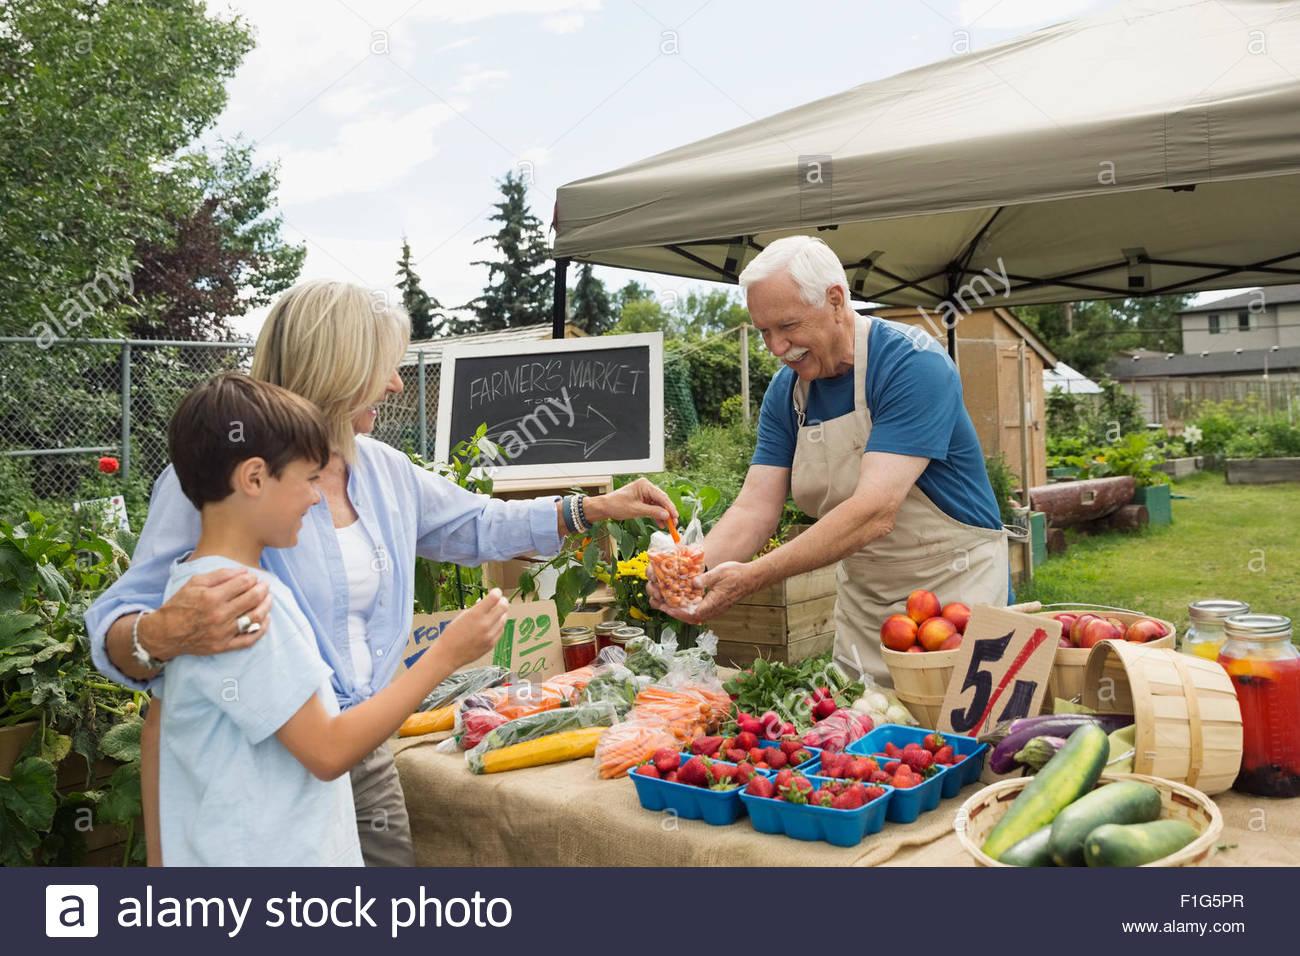 L'agricoltore che offrono le carote per i clienti del mercato degli agricoltori in stallo Immagini Stock